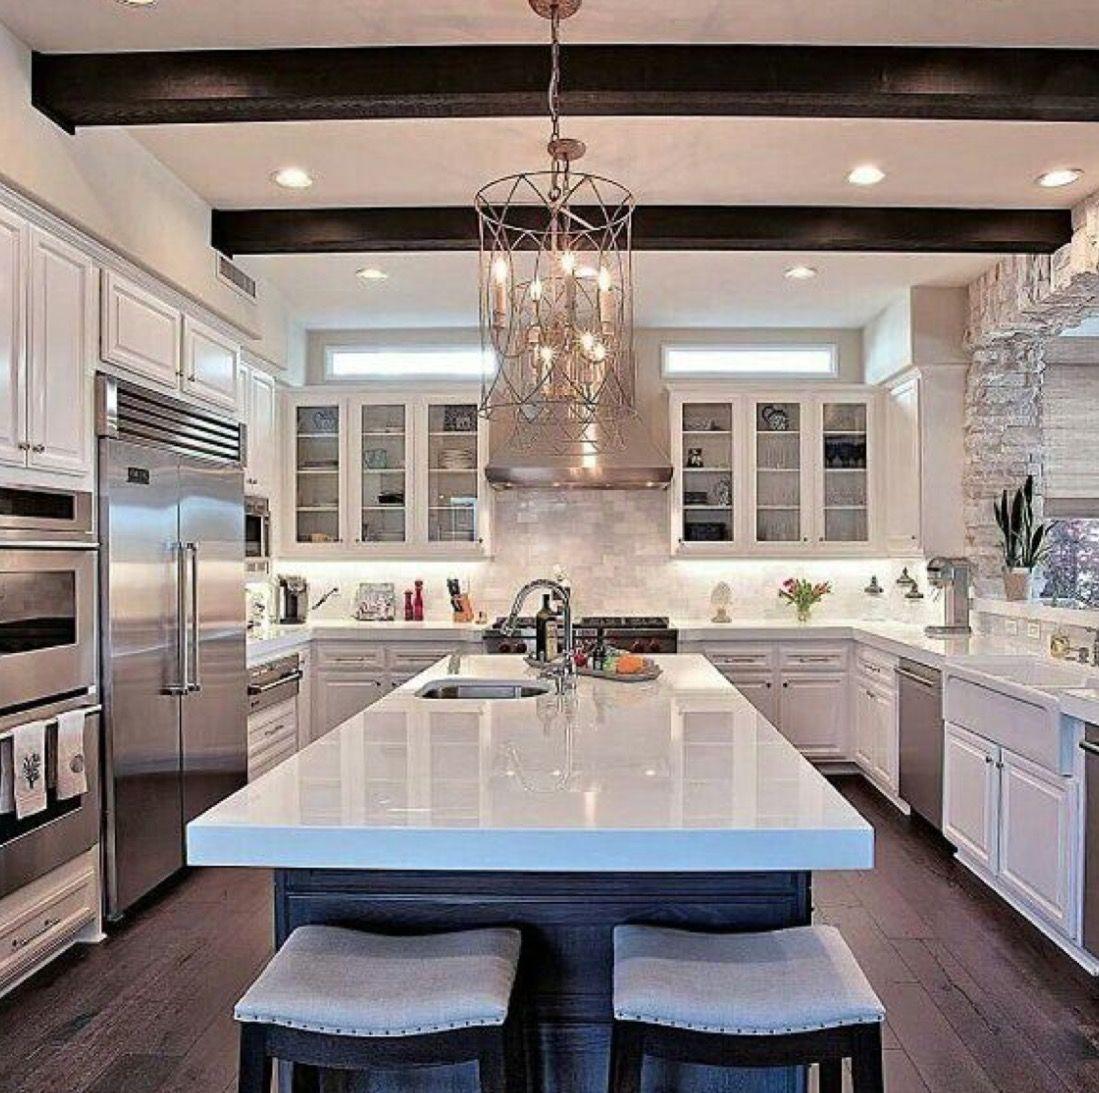 Large, spacious white open kitchen with white granite